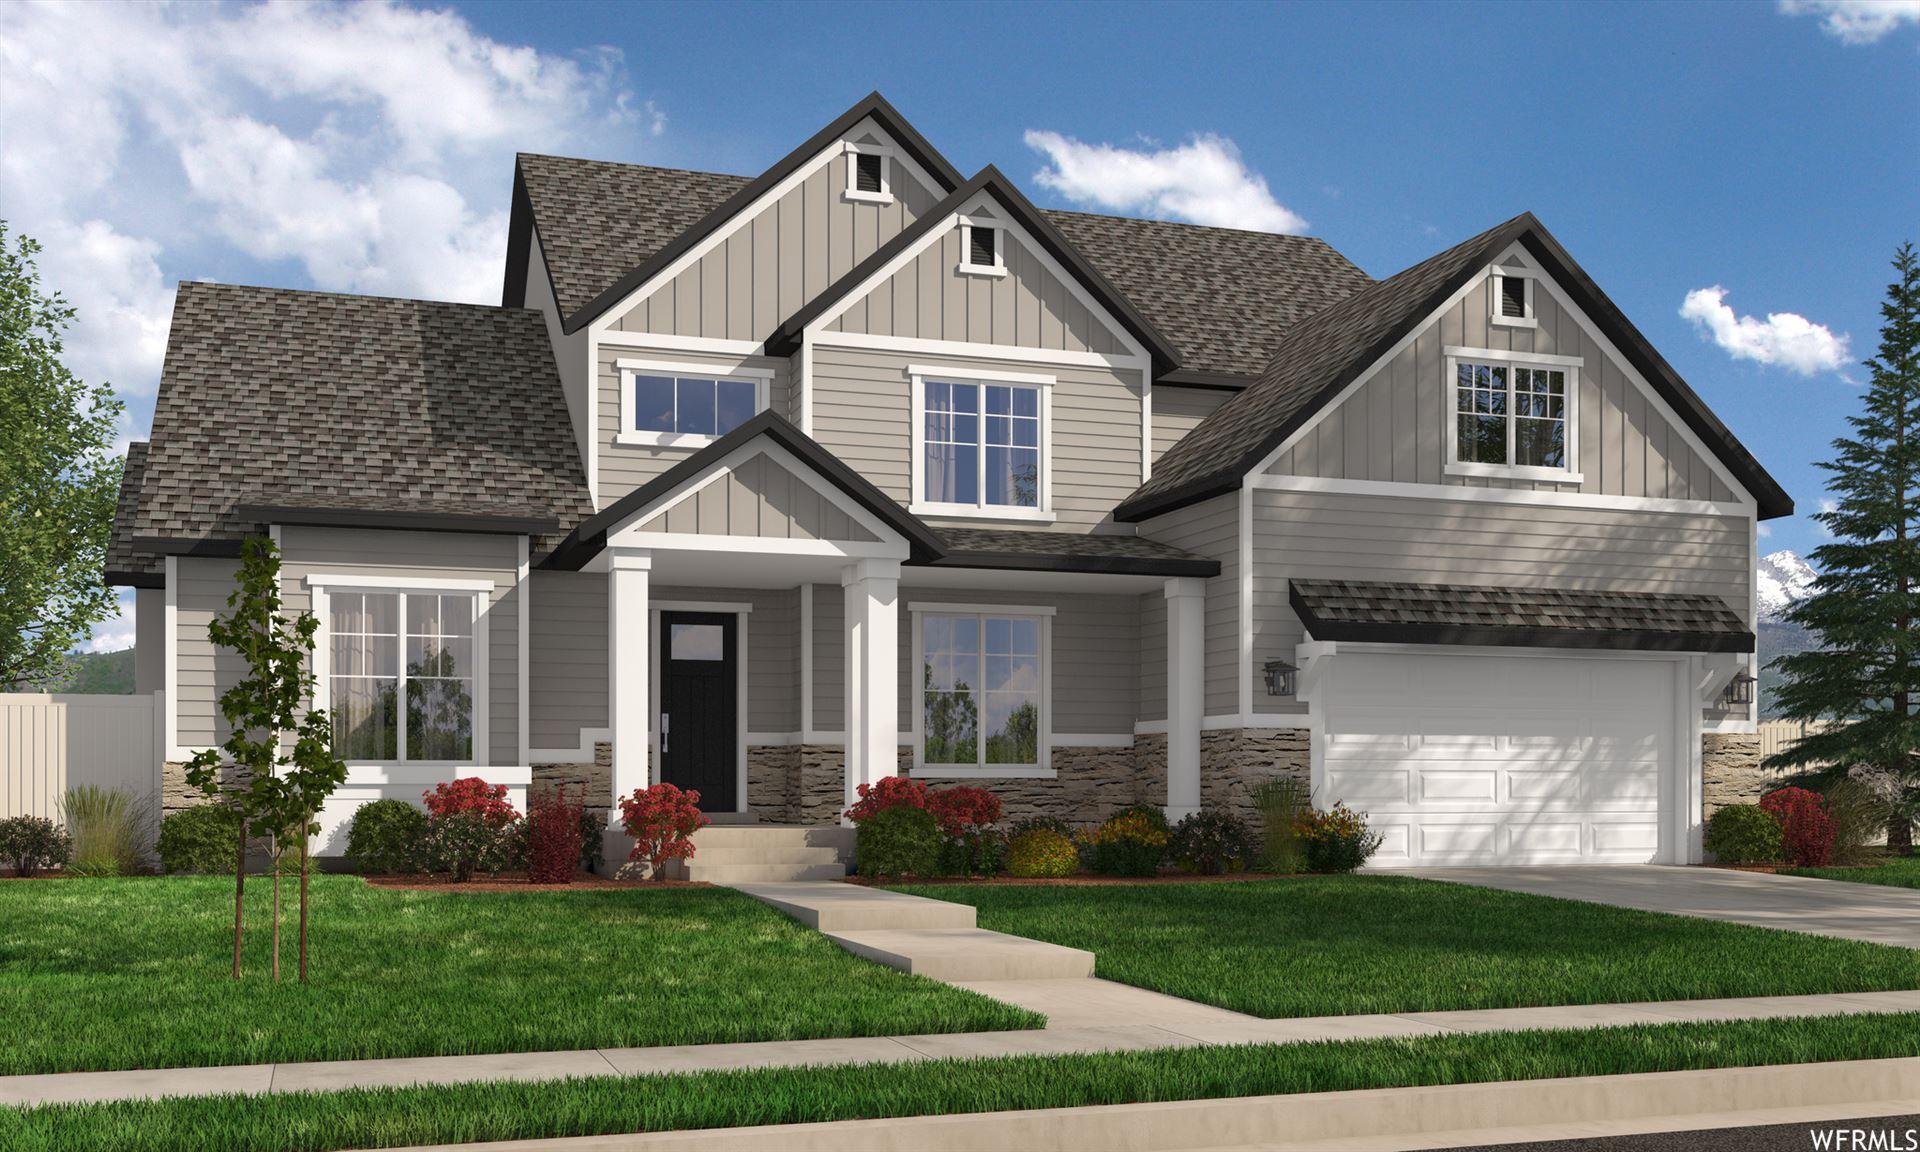 Photo of 1506 N 540 W #227, Saratoga Springs, UT 84043 (MLS # 1756658)